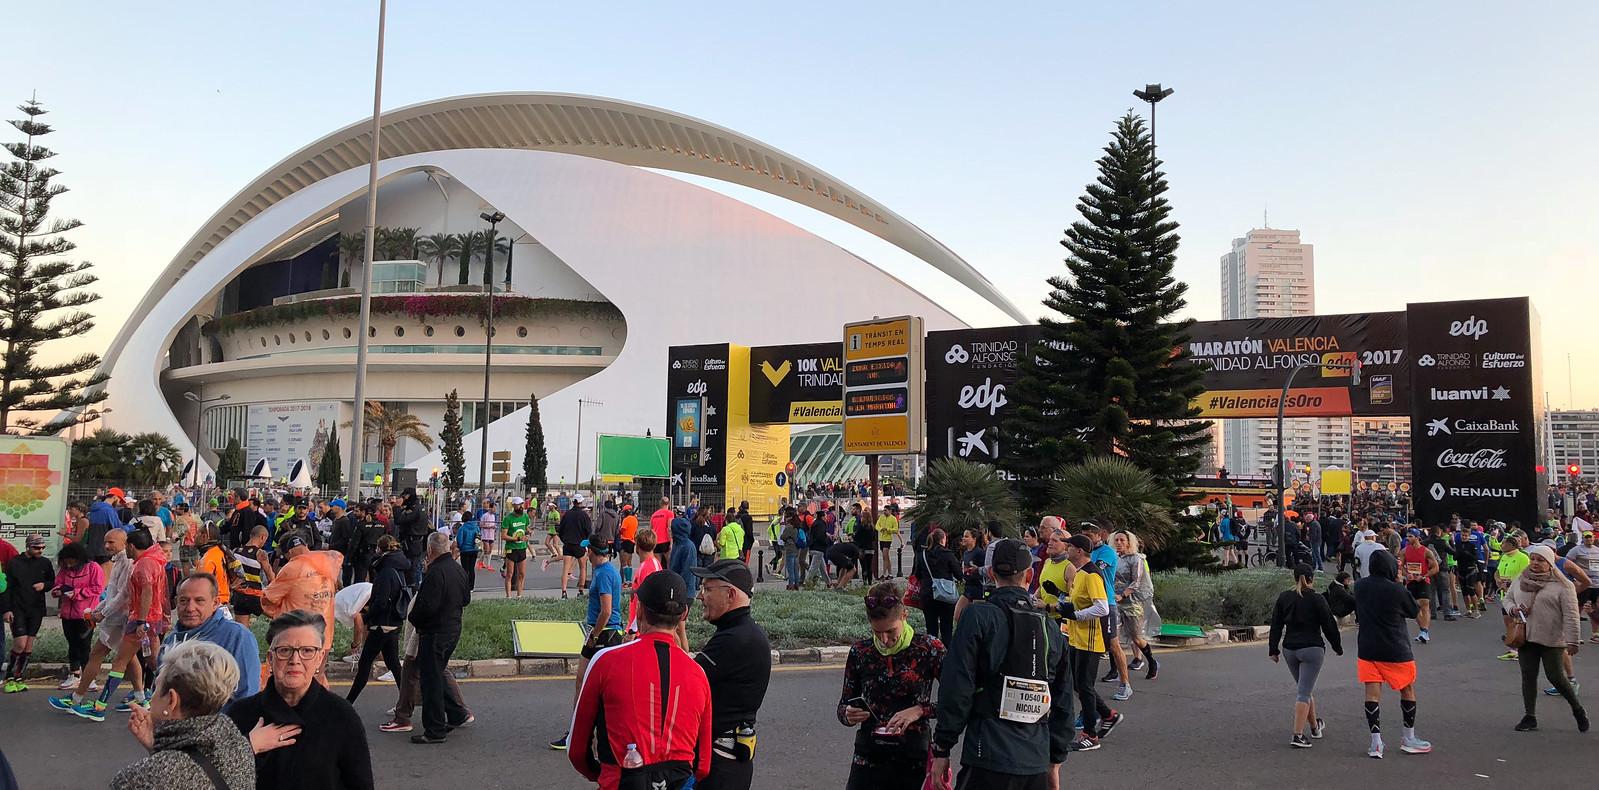 Correr el Maratón de Valencia, España - Marathon Spain maratón de valencia - 40234004783 bfe6acd912 h - Maratón de Valencia: análisis, recorrido, entrenamiento y recomendaciones de viaje